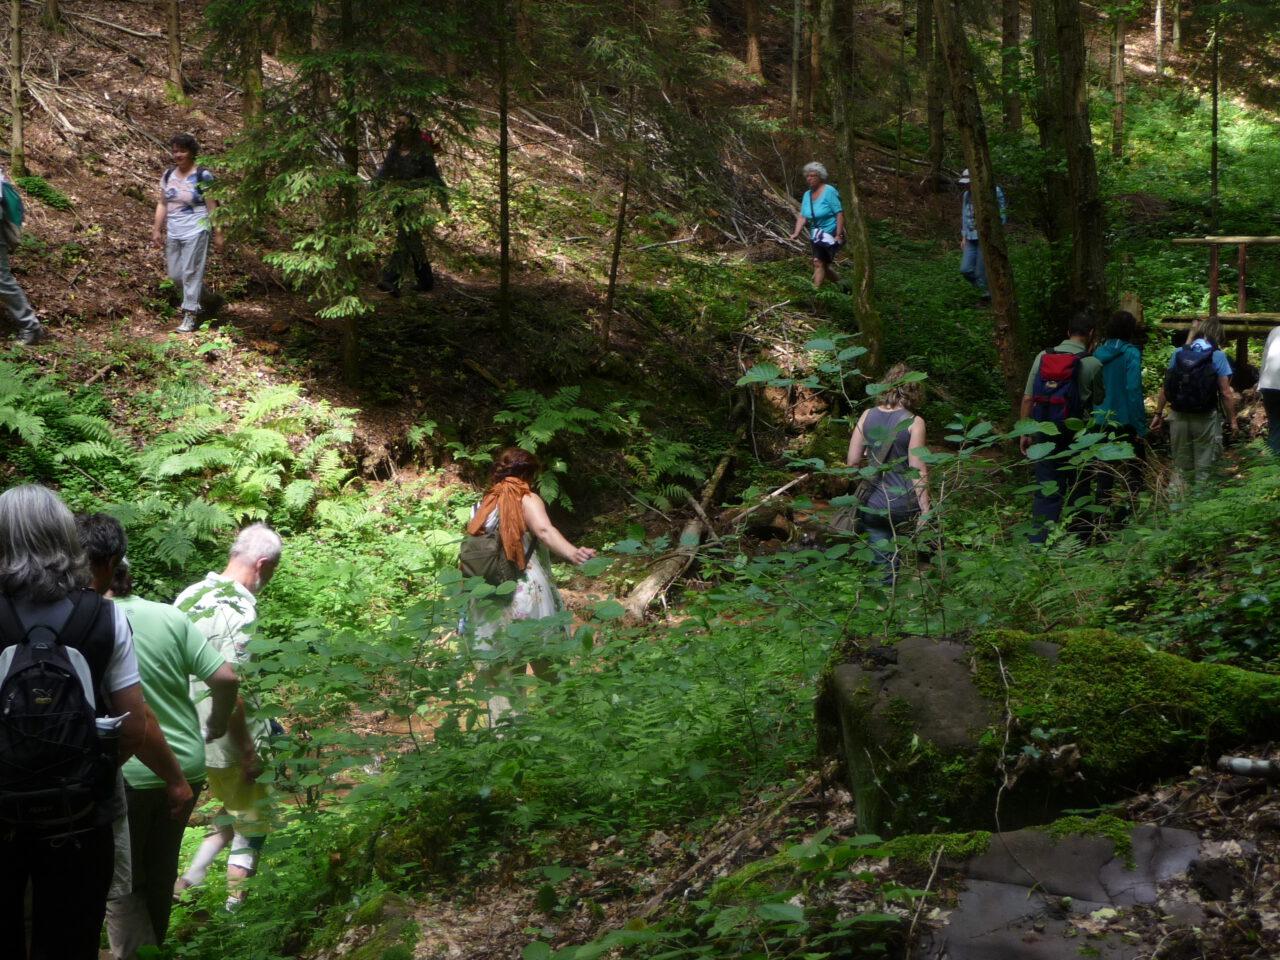 Die Klamm am Tretstein bei Gräfendorf - ganz nahe sind sie, die Wasser der Unendlichkeit